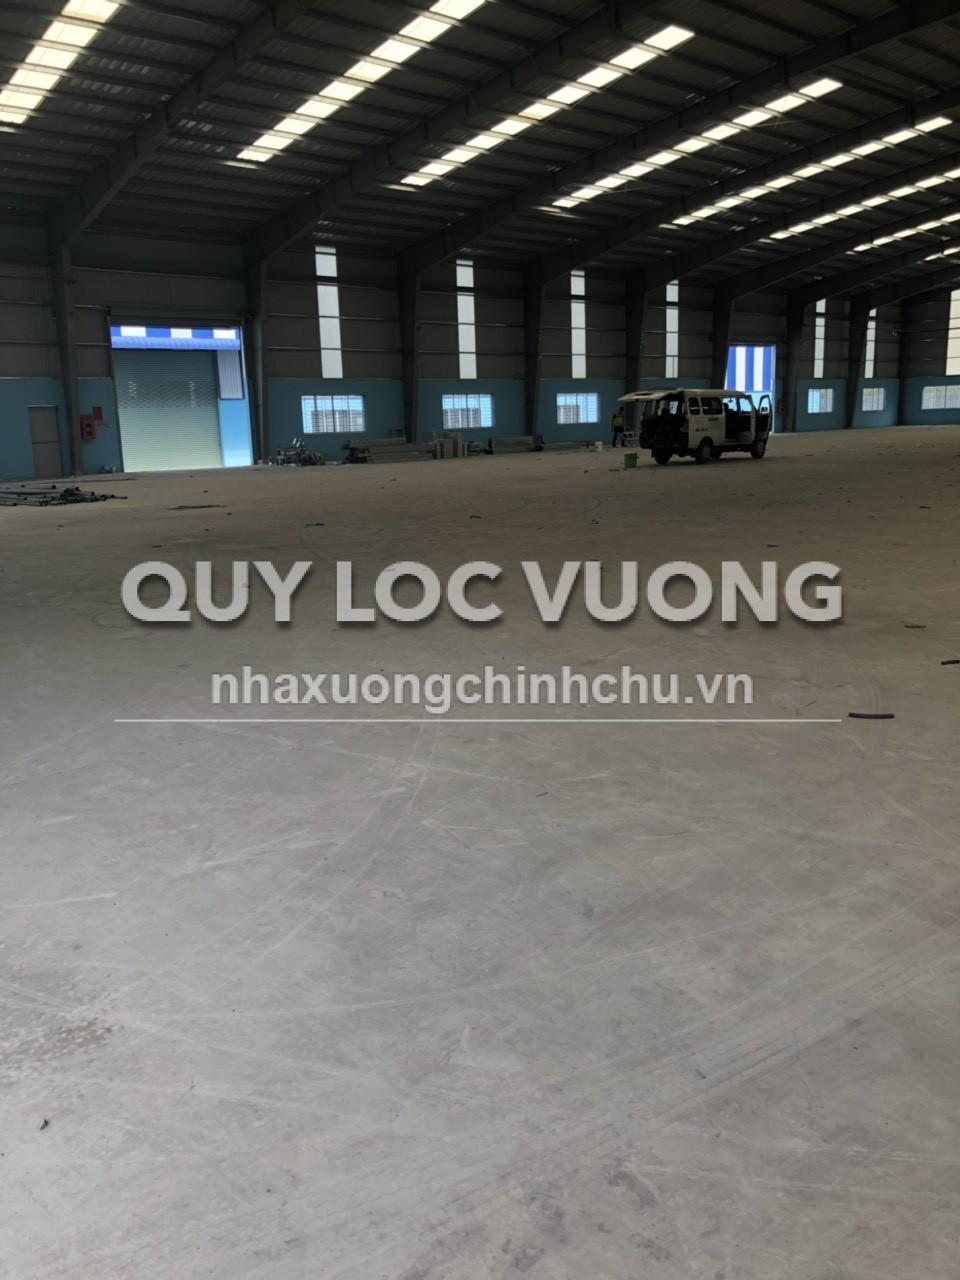 Bán 2 xưởng khuôn viên 15.582m2 ở cụm công nghiệp Tam Phước Đồng Nai